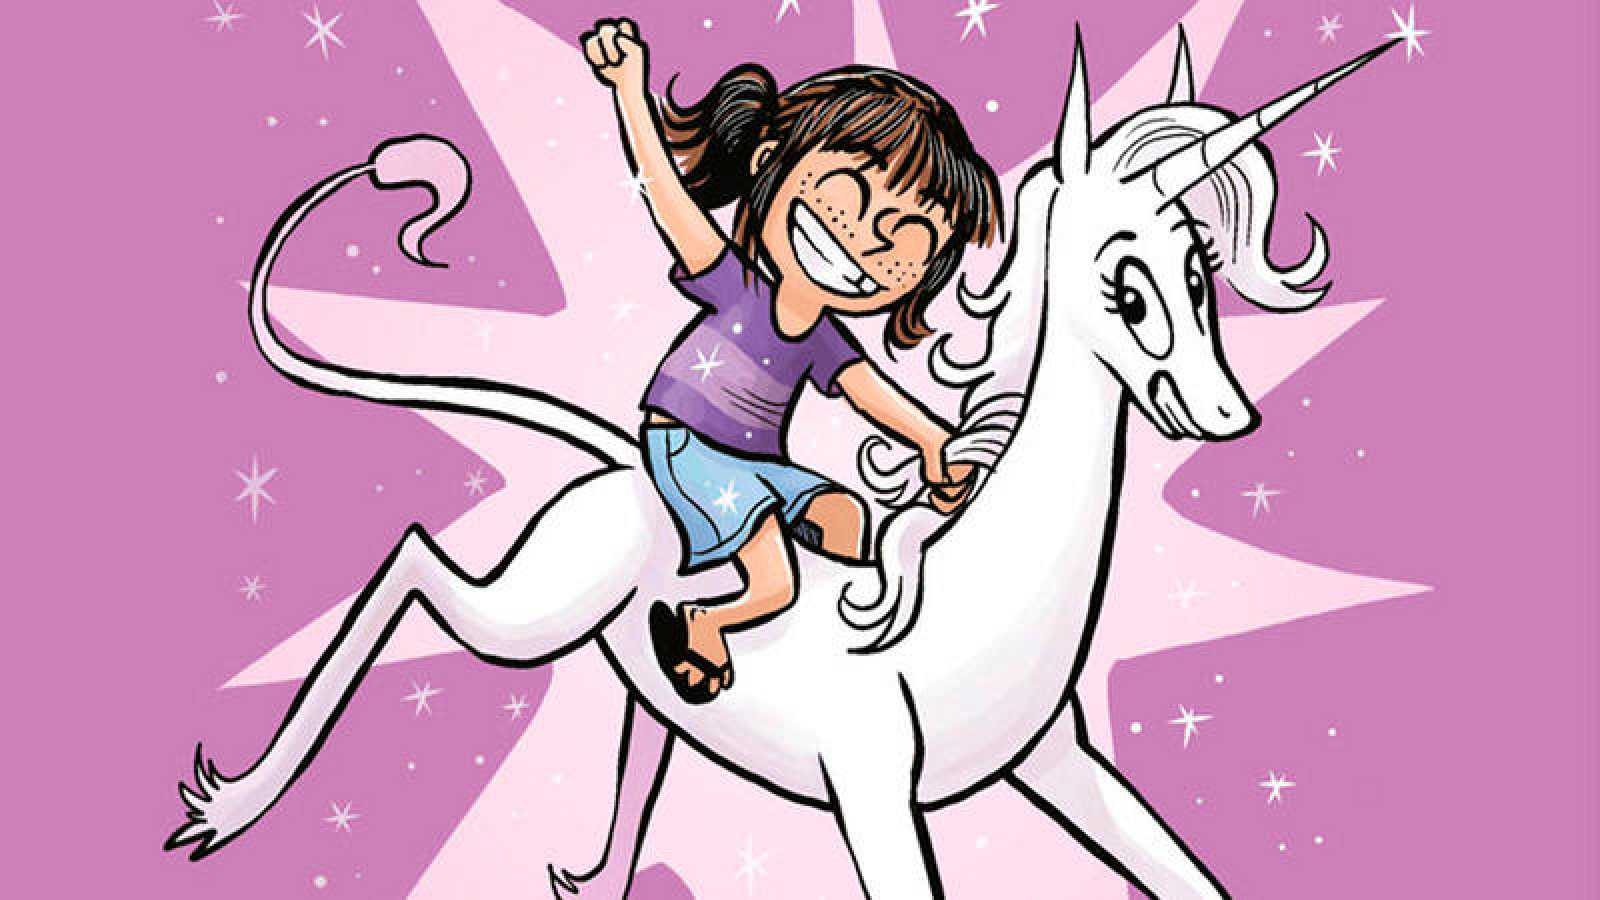 Fragmento de una portada de  Cloe y su unicornio  233f870598c